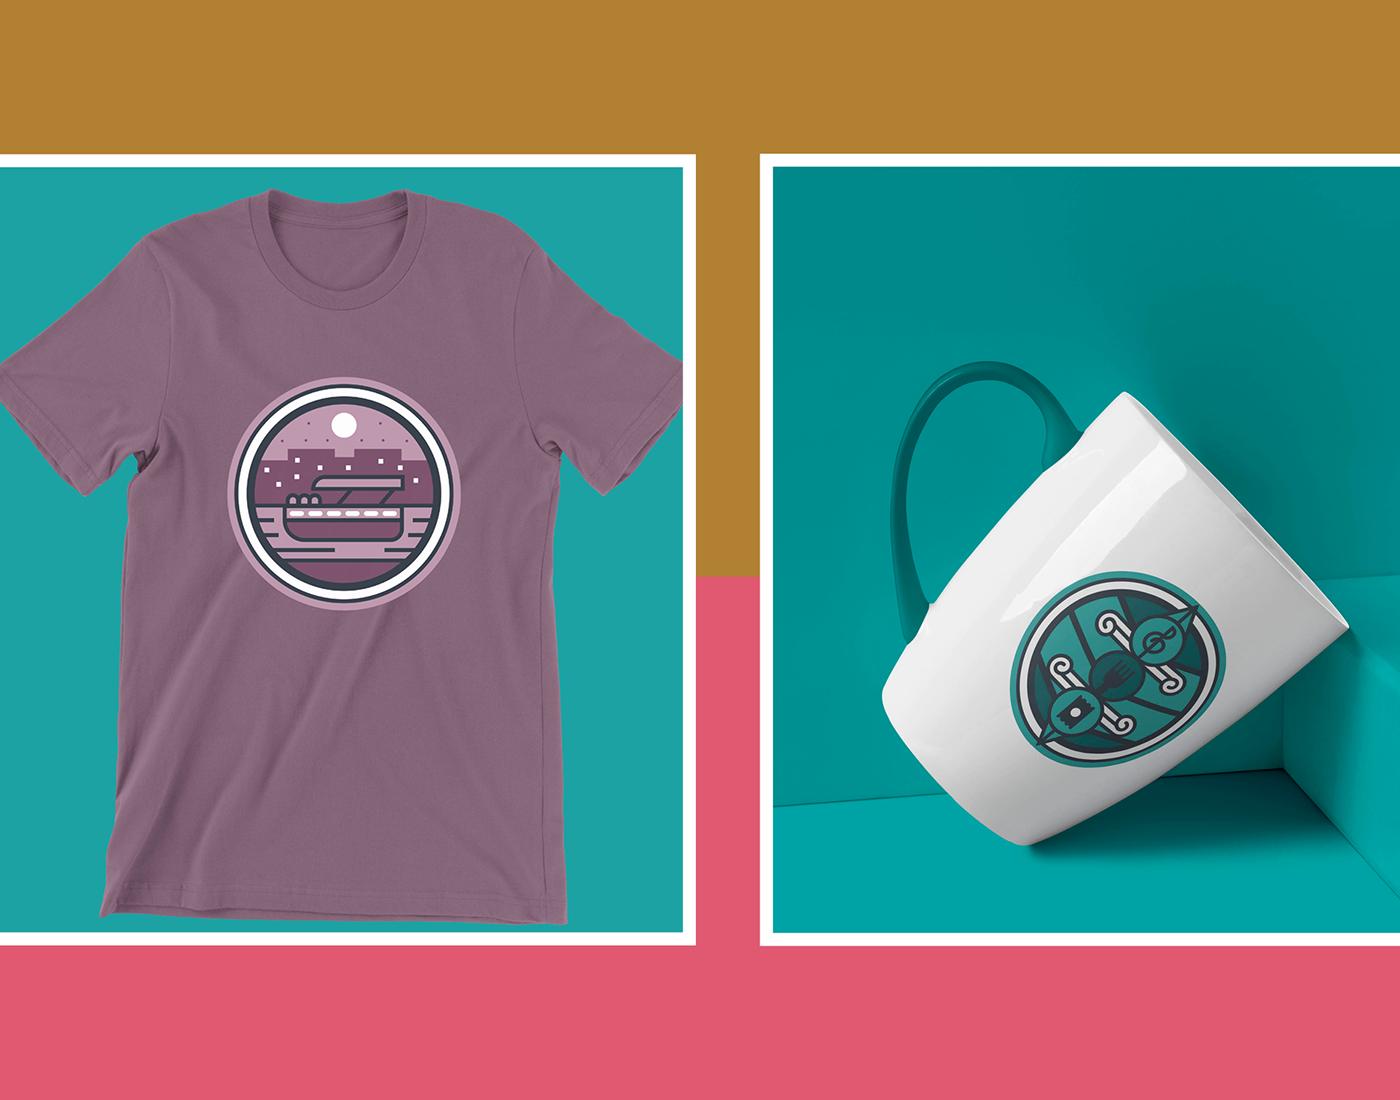 Image may contain: active shirt and t-shirt